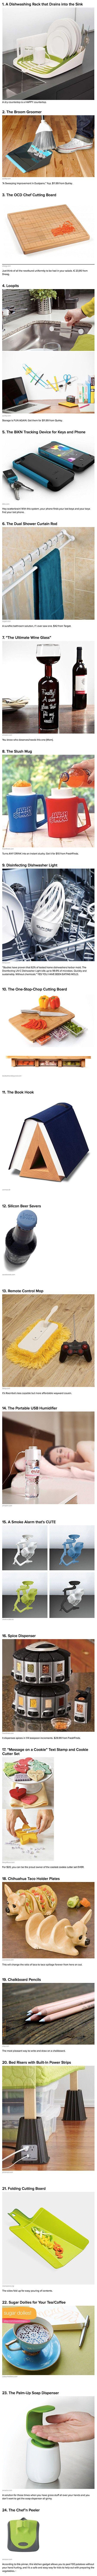 24 Cool and Creative Home Gadgets, Accessories You Might Want - TechEBlog El número 6 se puede hacer usando dos barras de ducha sin más!